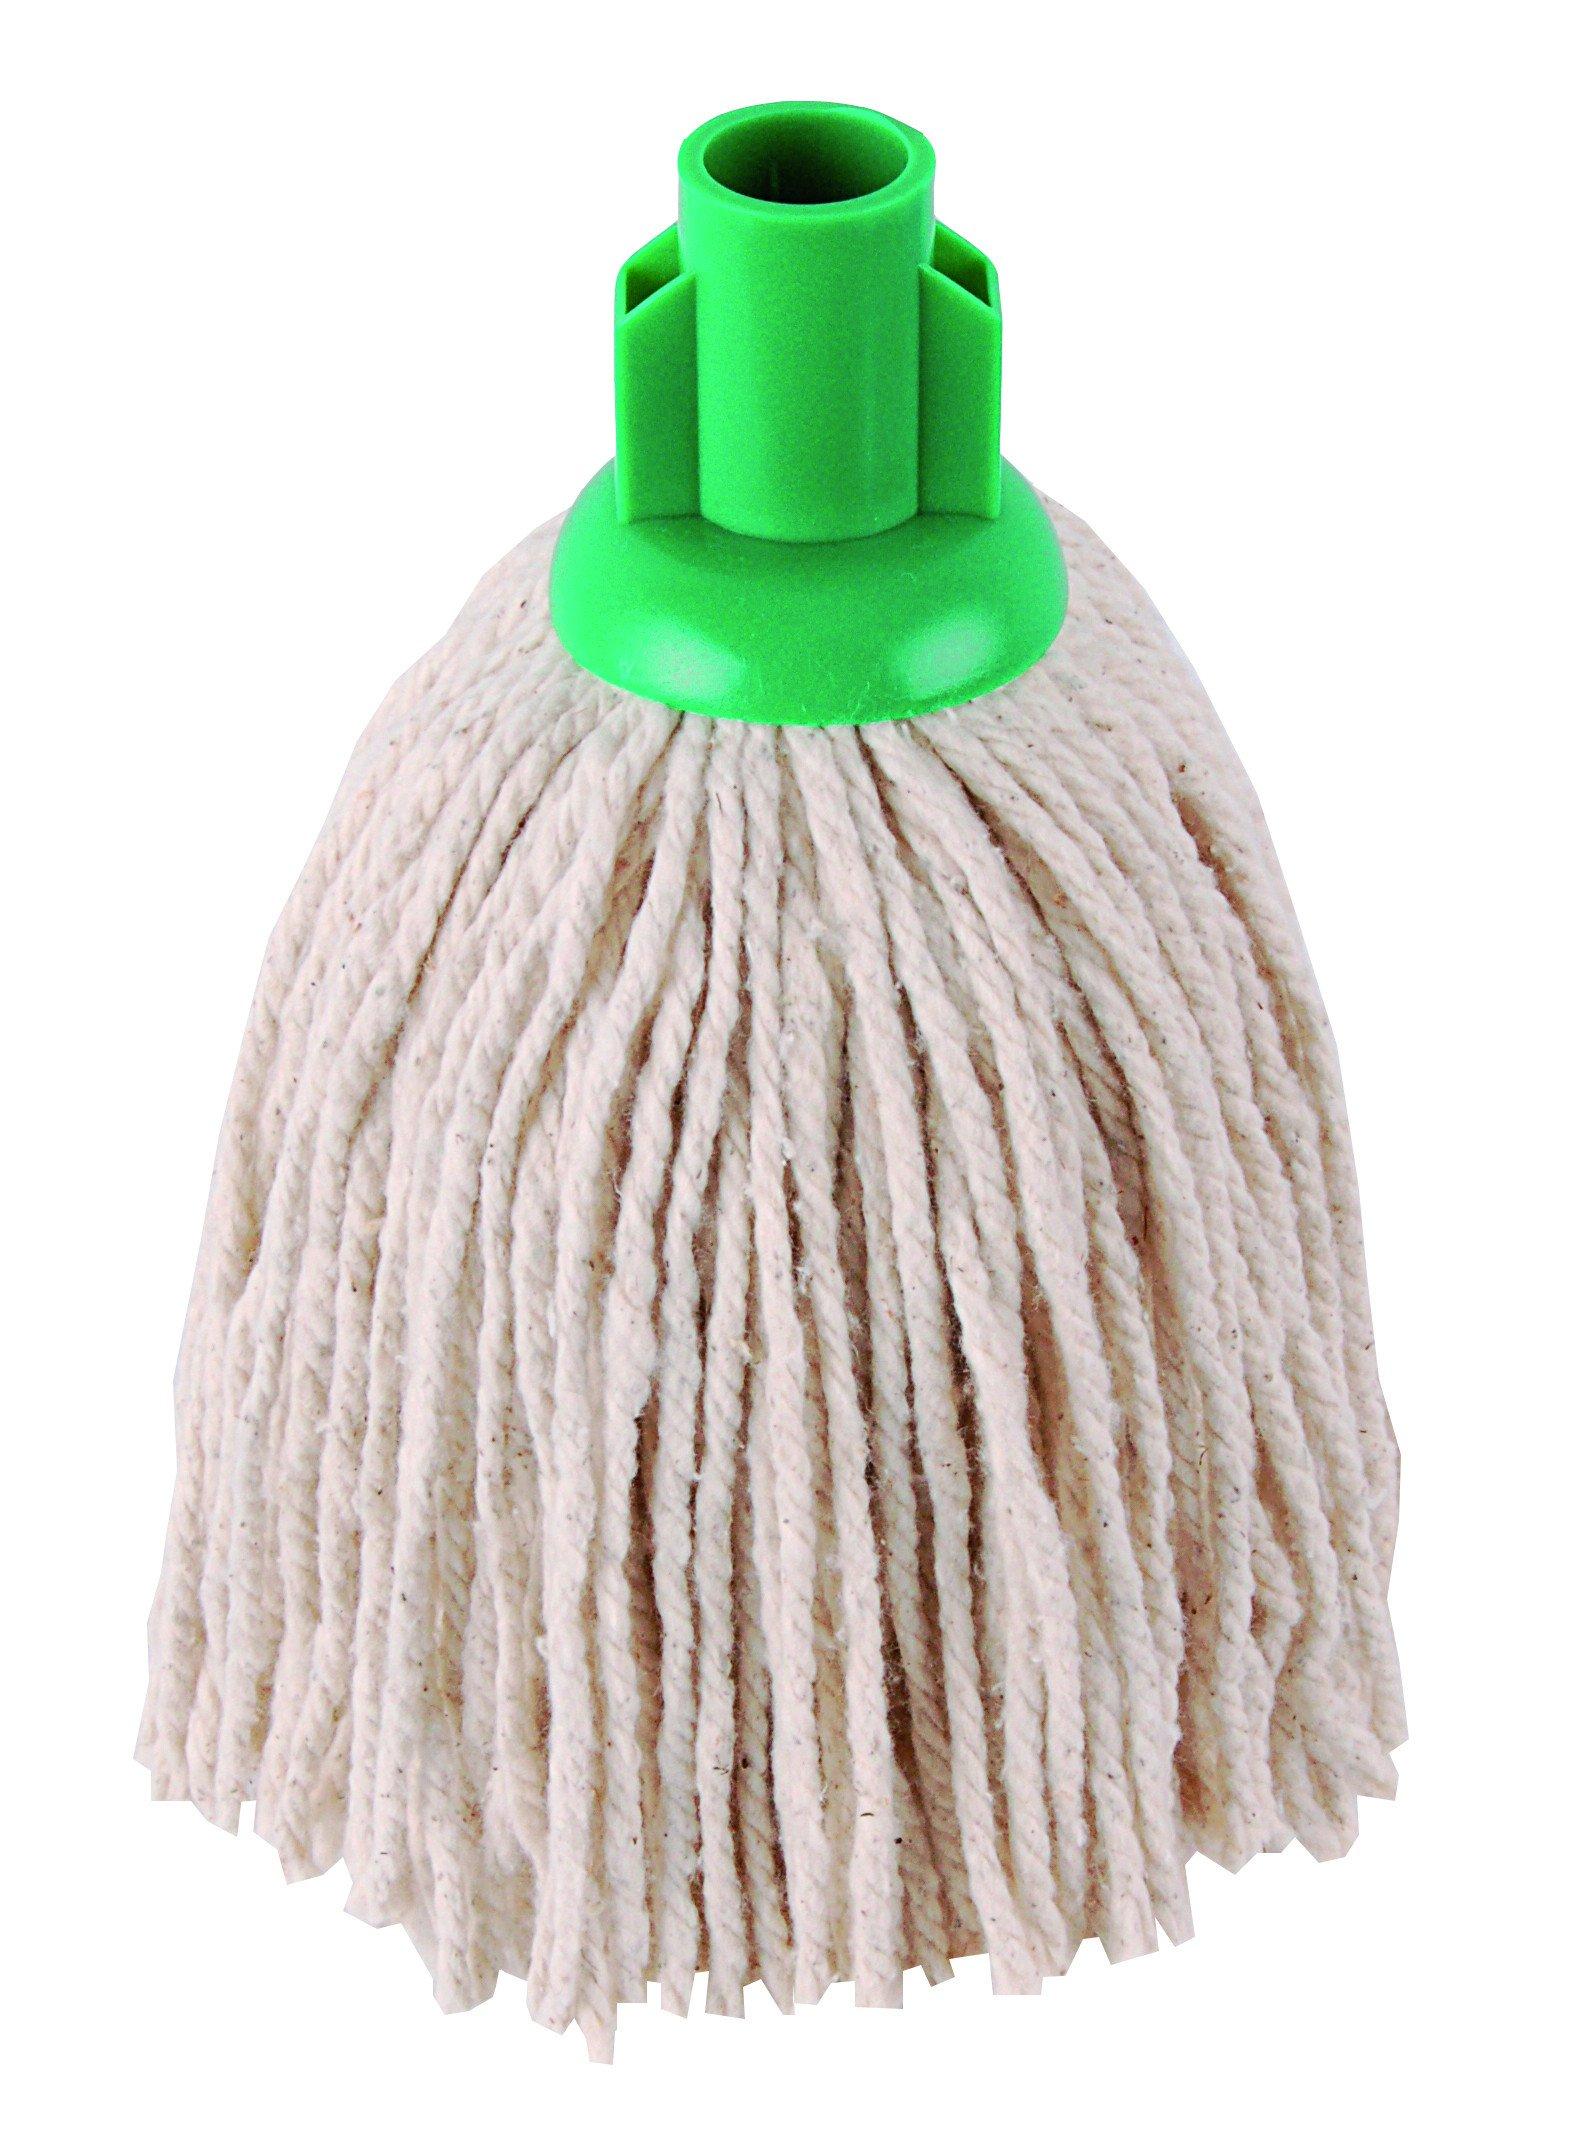 Screw Fit Yarn Mop Head 12oz Janitorial Direct Ltd